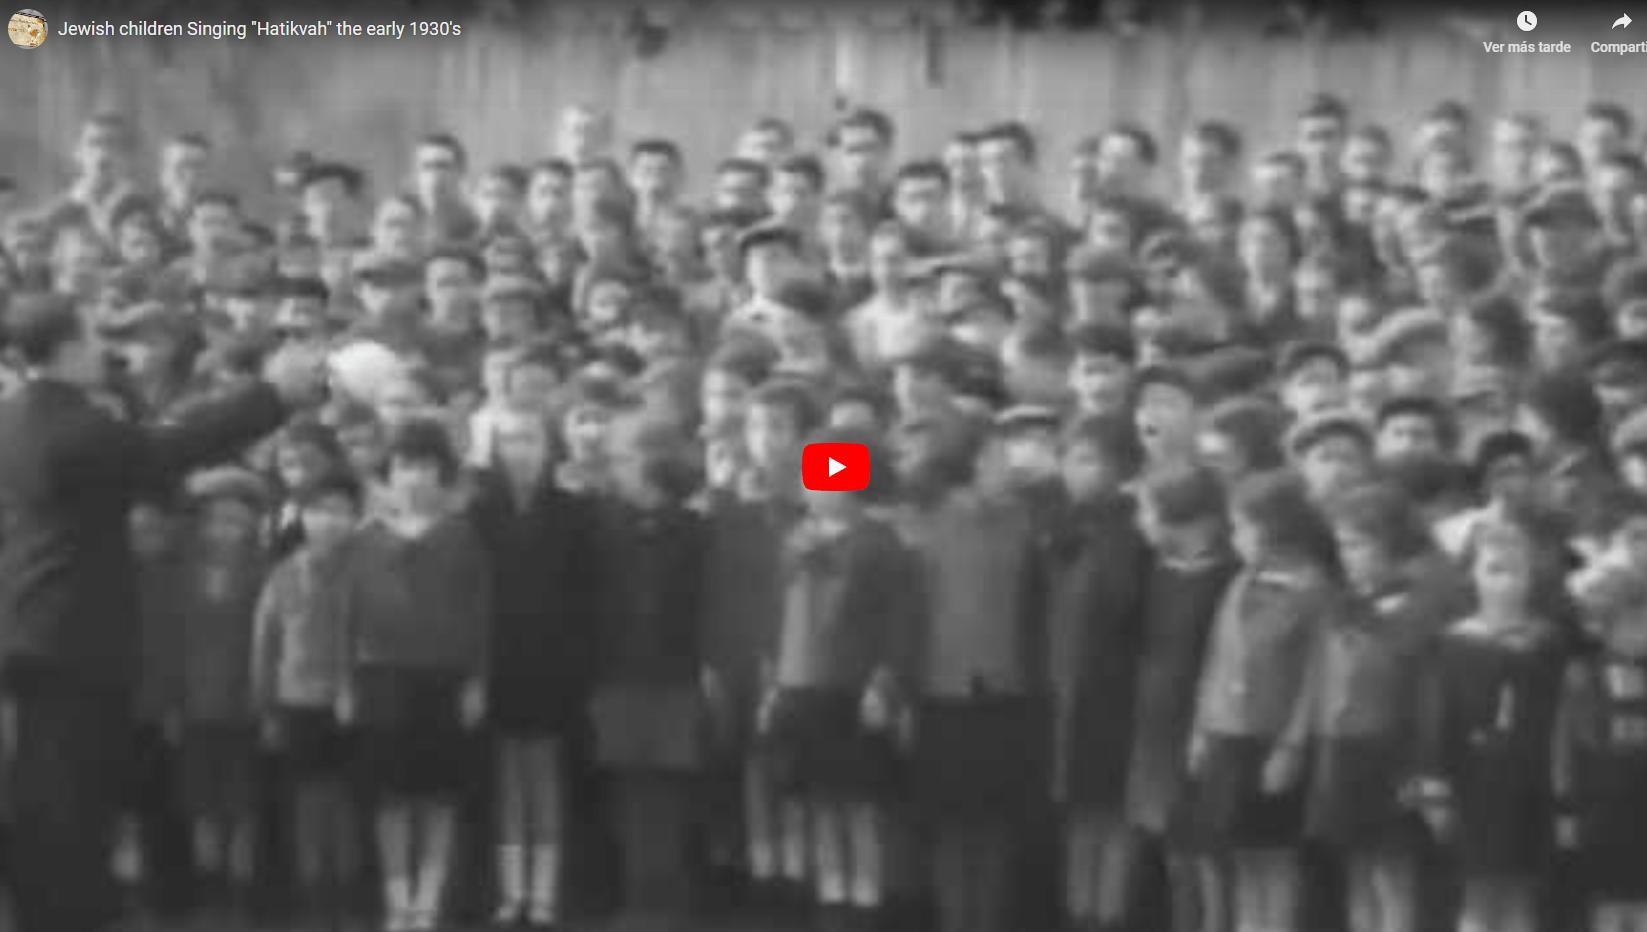 Niños cantando Hatikva en la década del'30